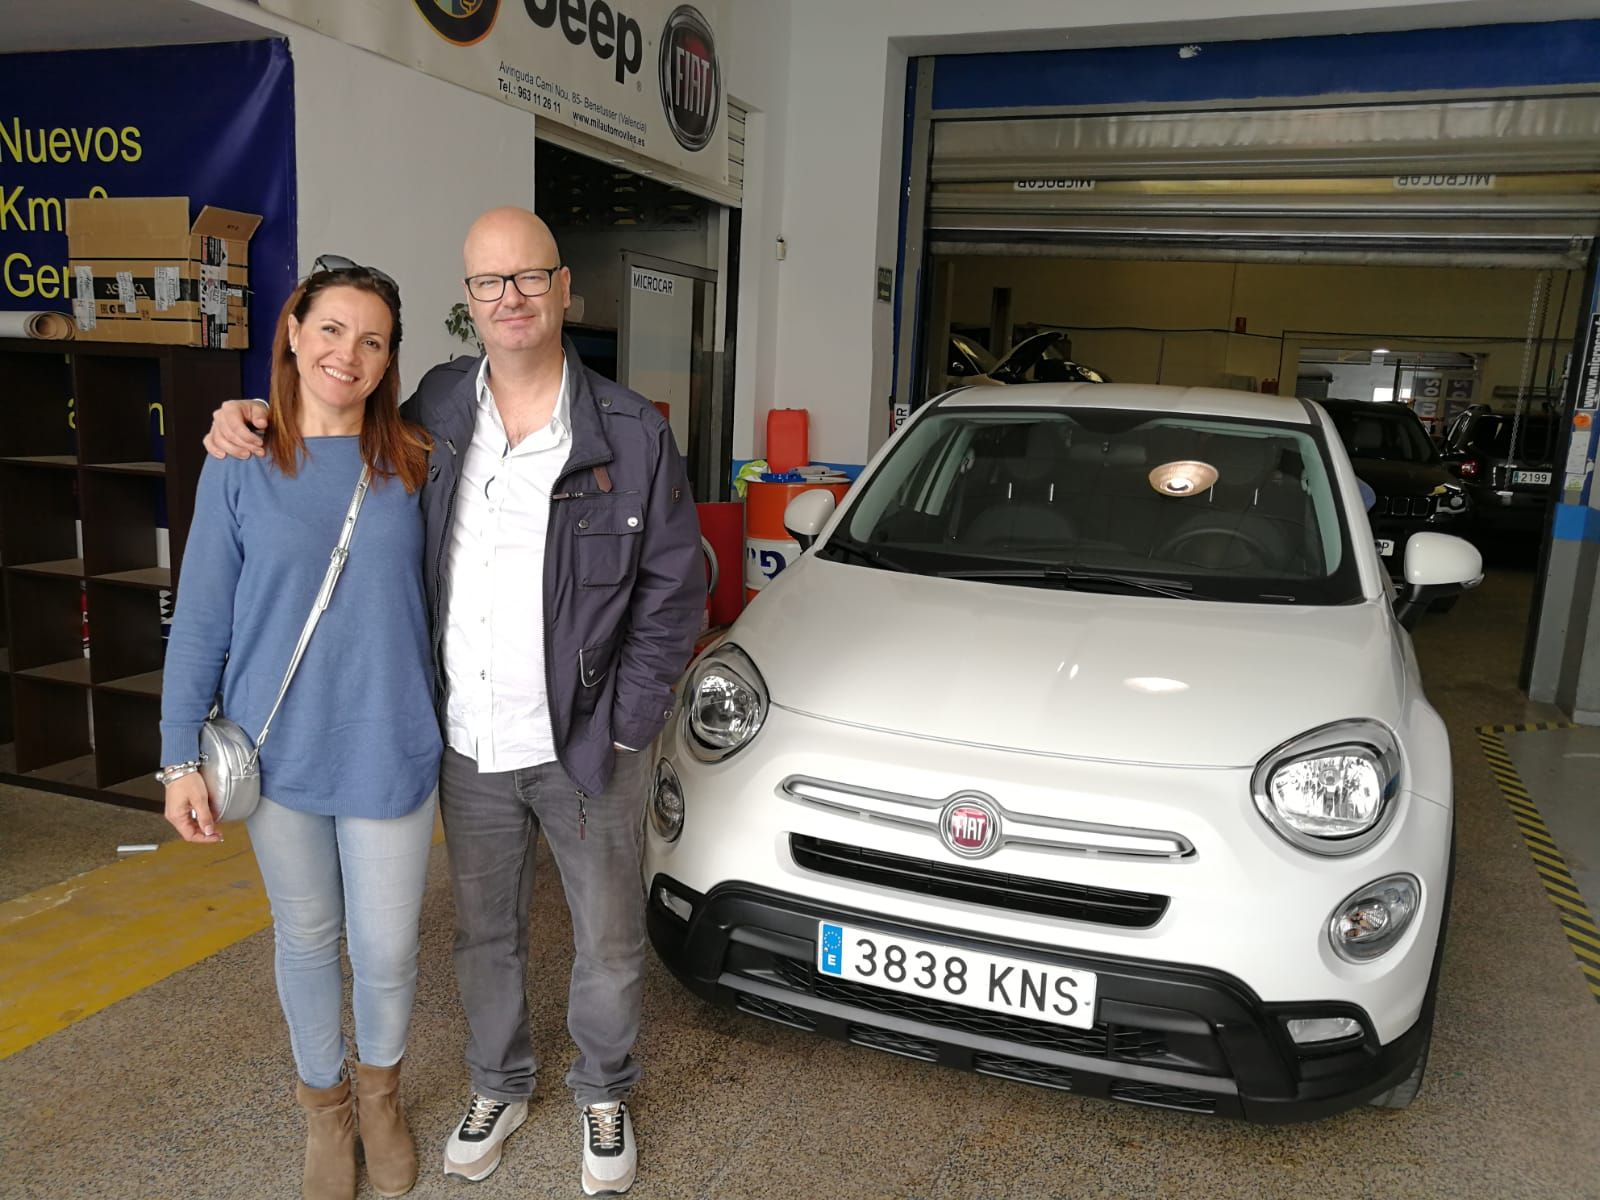 Milautomóviles entrega a Silvia y Jonathan  un Fiat 500 X